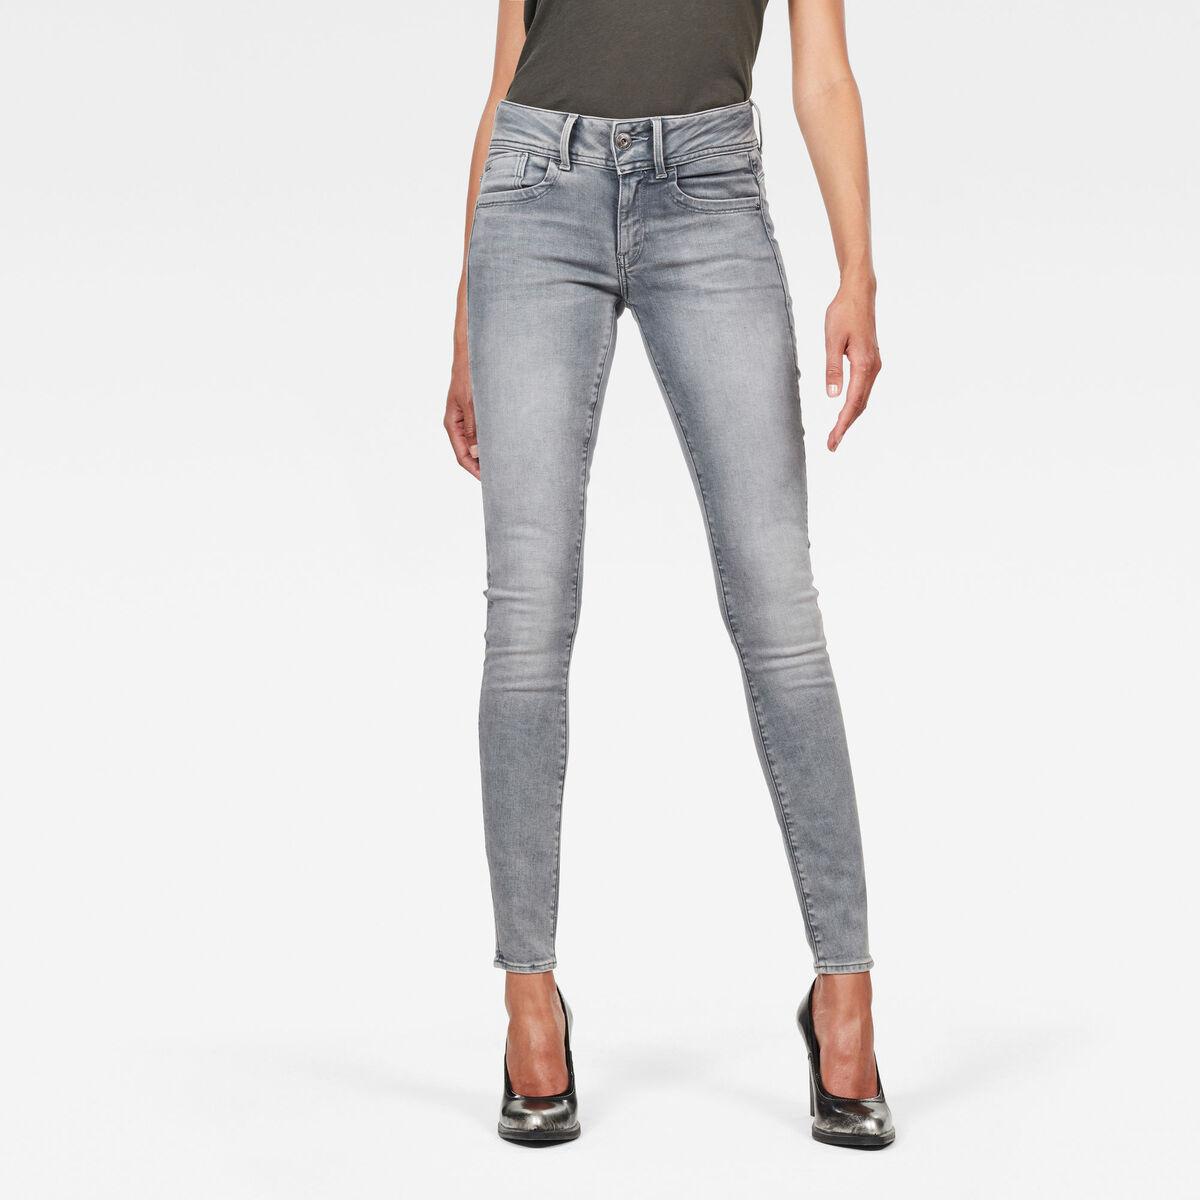 Bild 1 von Lynn Mid Waist Skinny Jeans